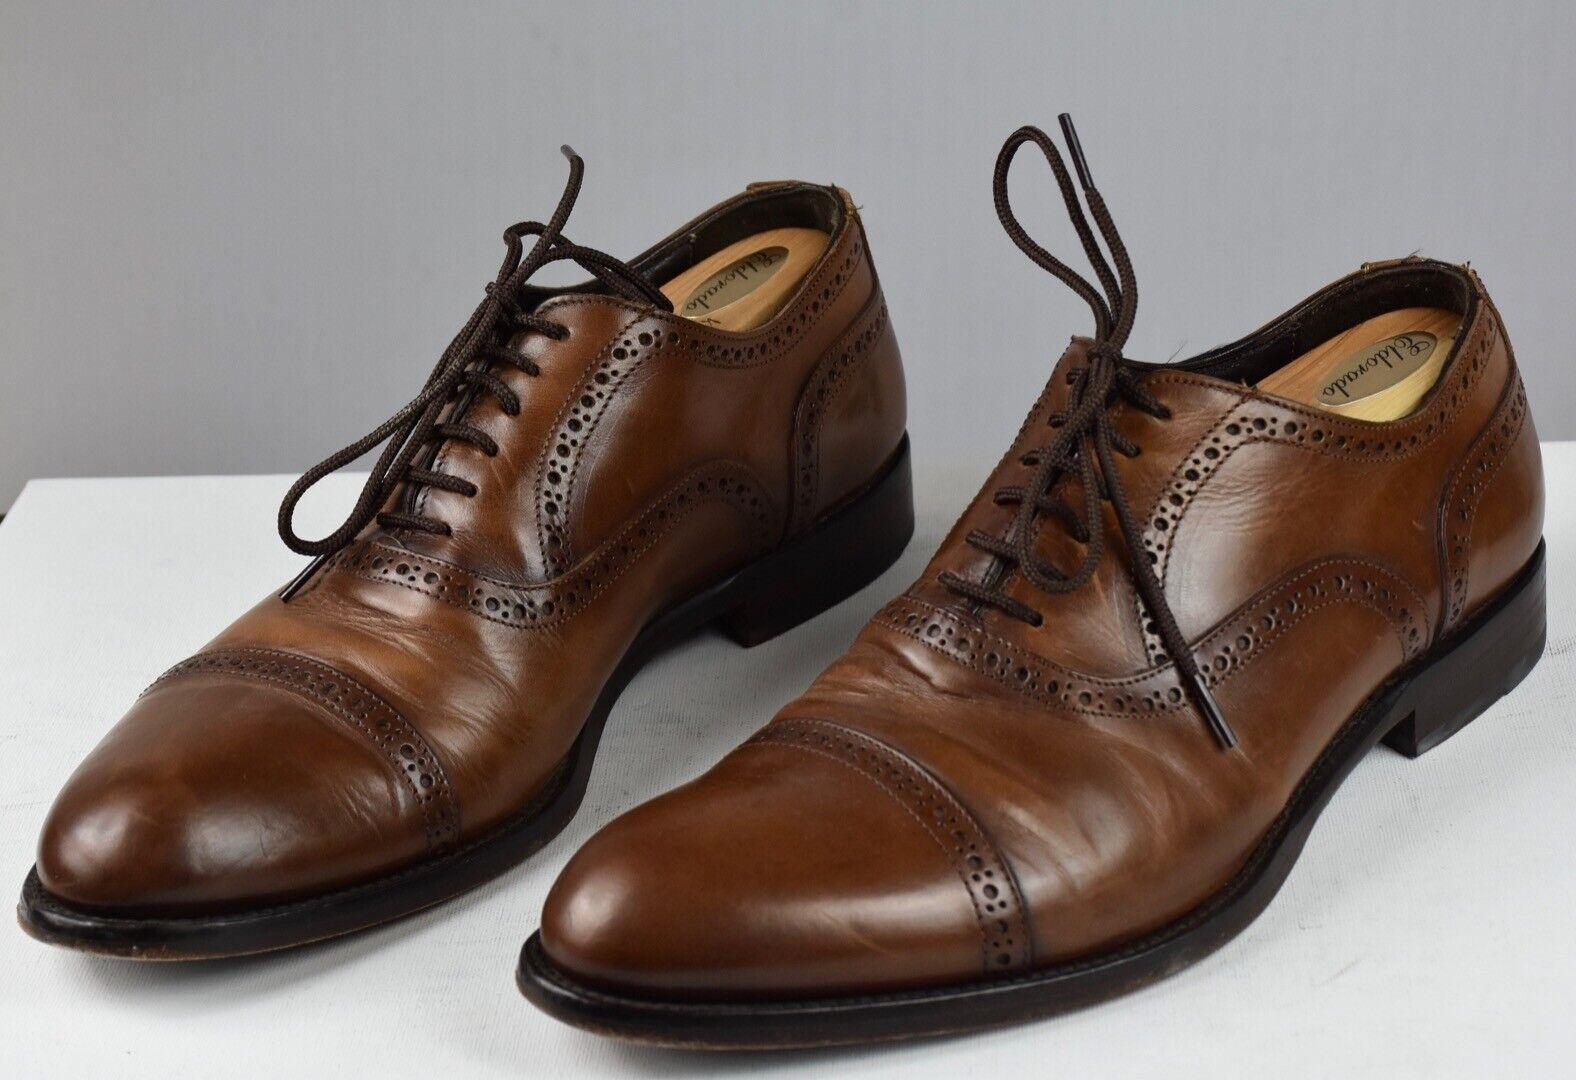 Antonio Maurizi homme en cuir marron Cap Toe chaussures TAILLE 43 10 US